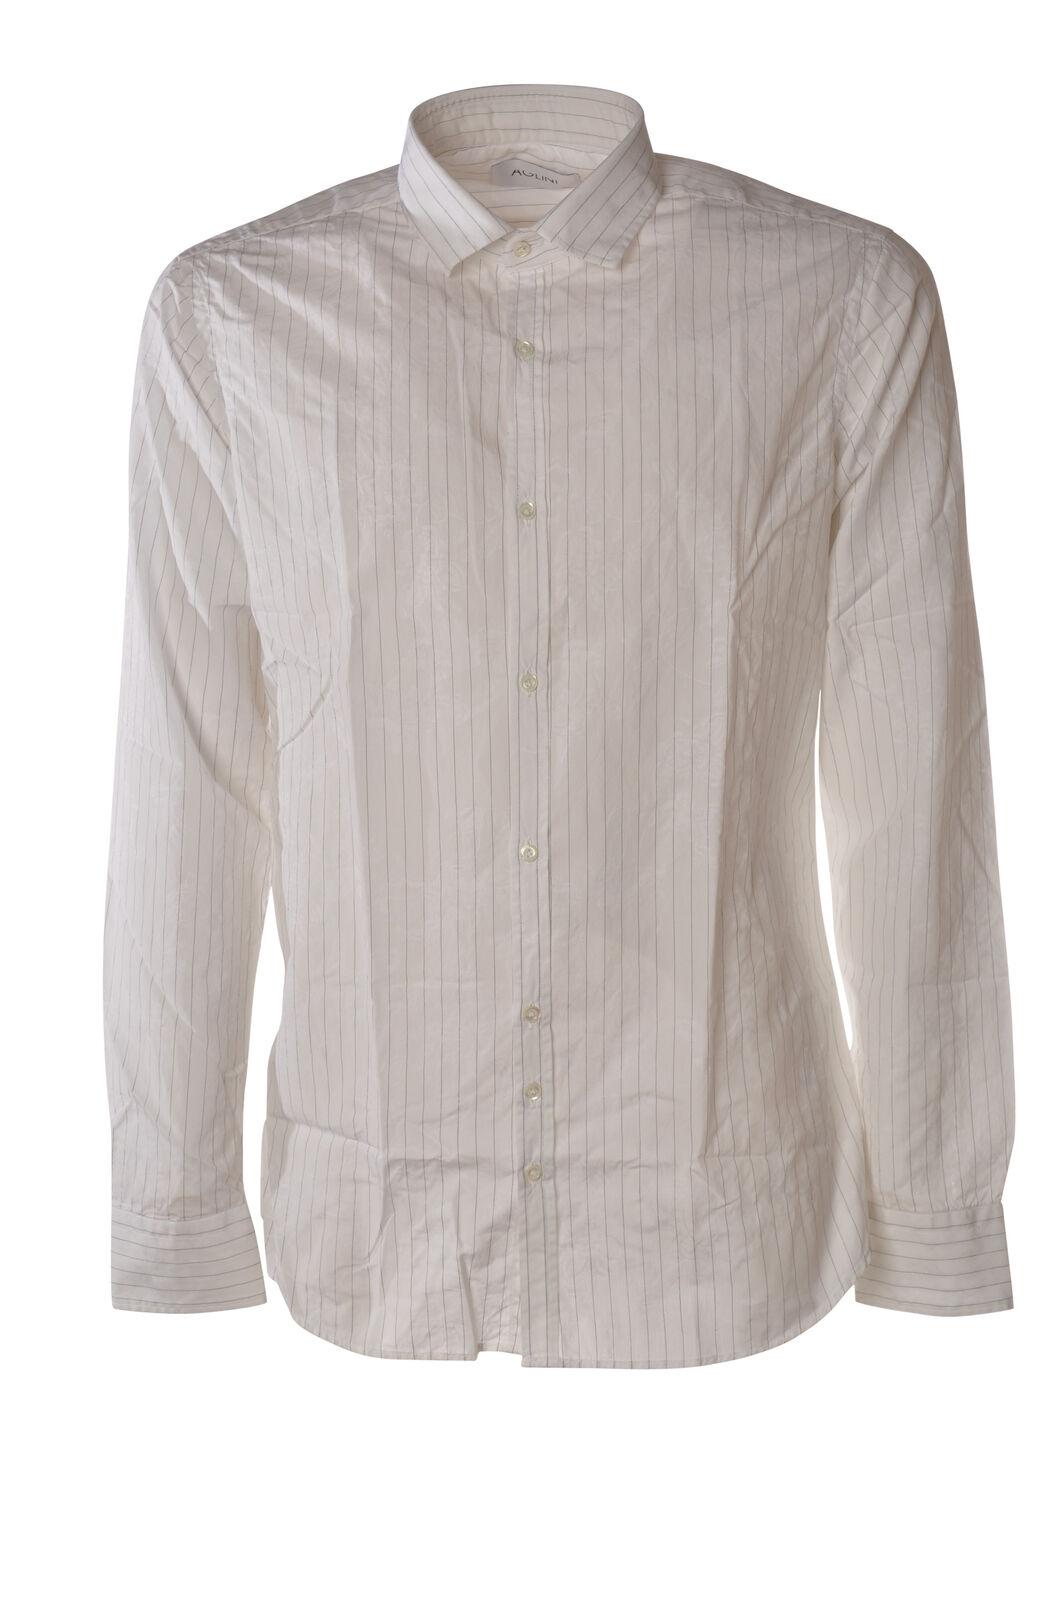 Aglini - Camicie-Camicia - Uomo - Bianco - 5751125N184104